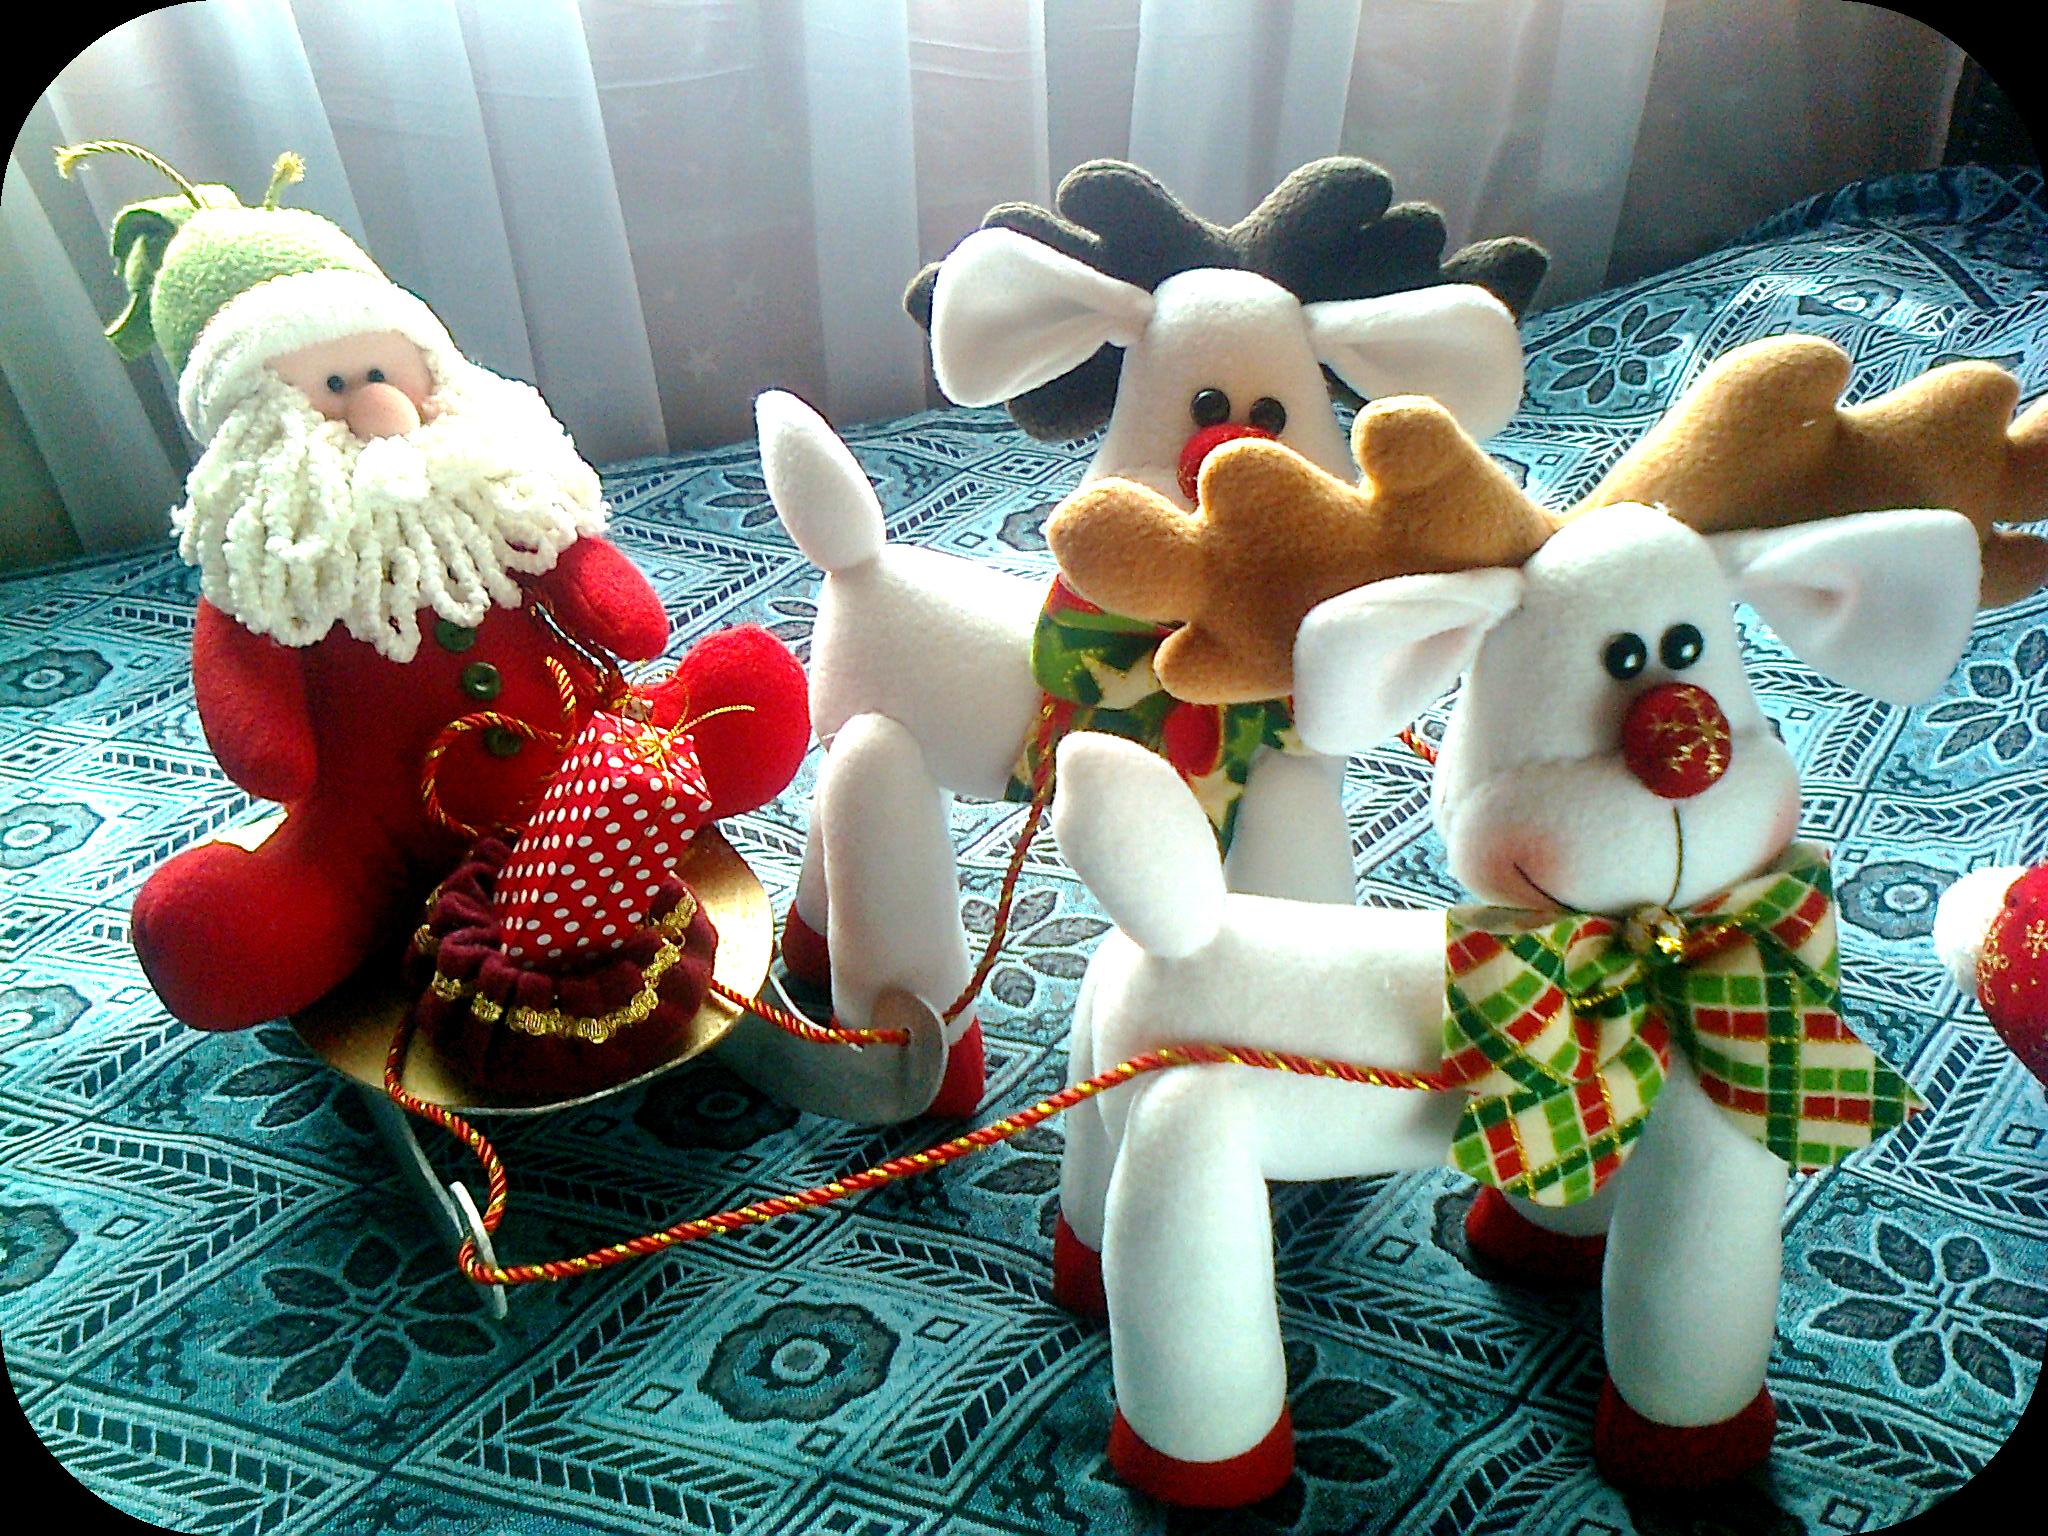 muecos de navidad tela navidad navidad adornos navideos bricolaje pap noel bebe navidad decoracion